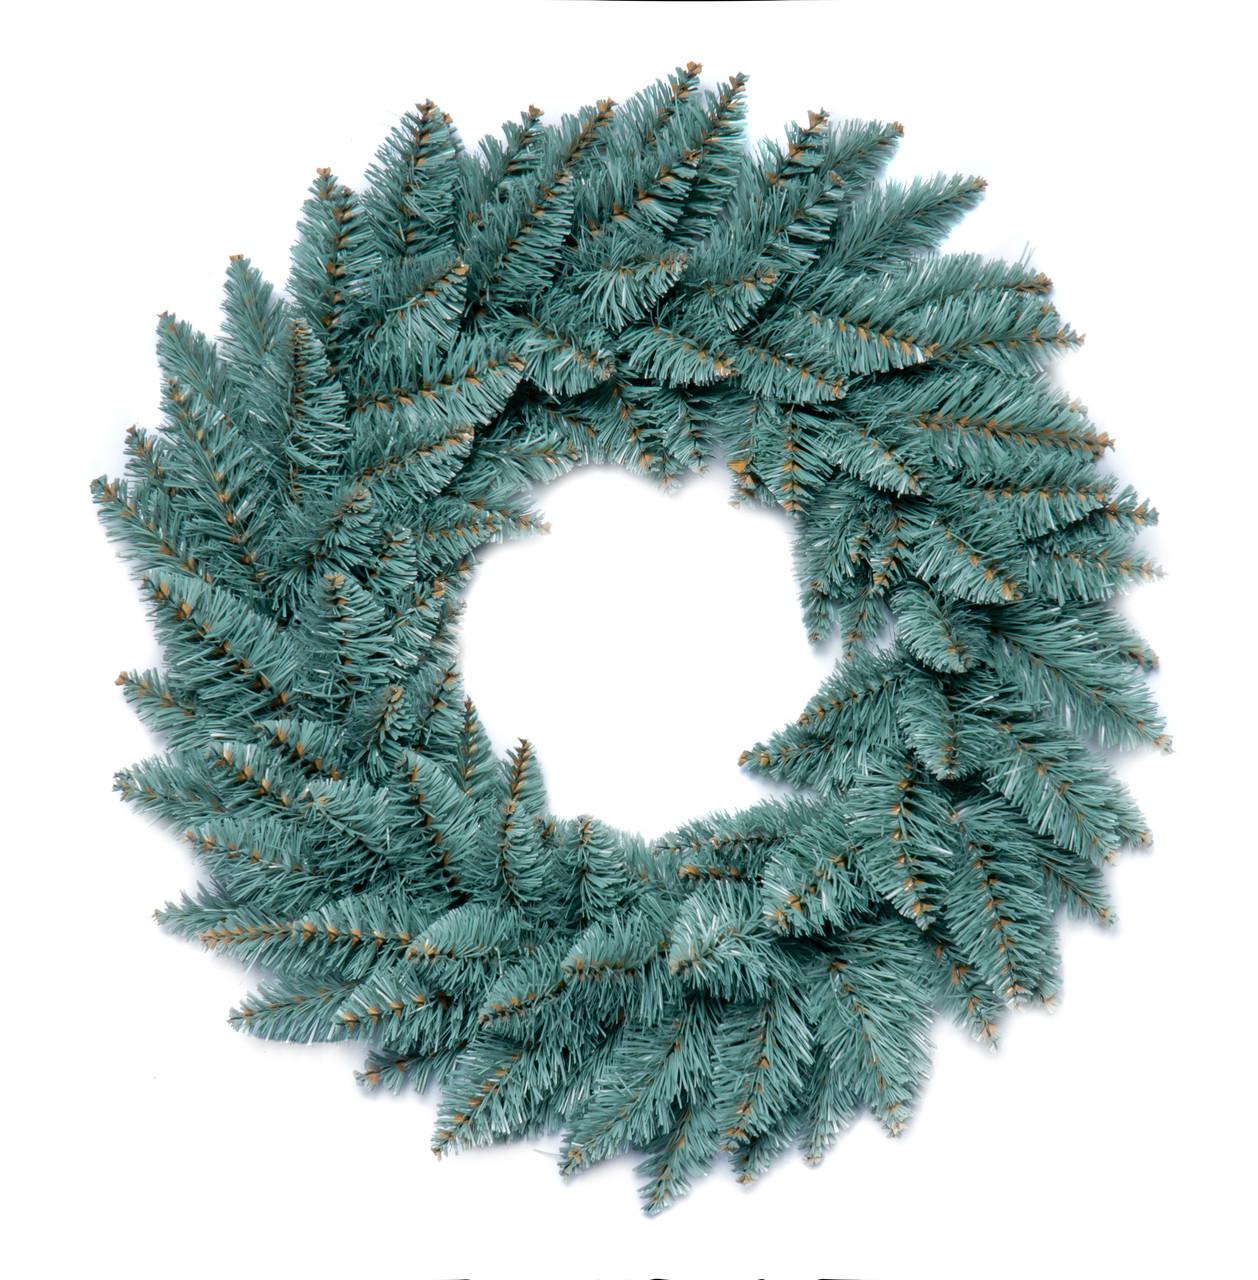 Венок новогодний рождественский Elegant из искусственной хвои Ø 60 см, голубой